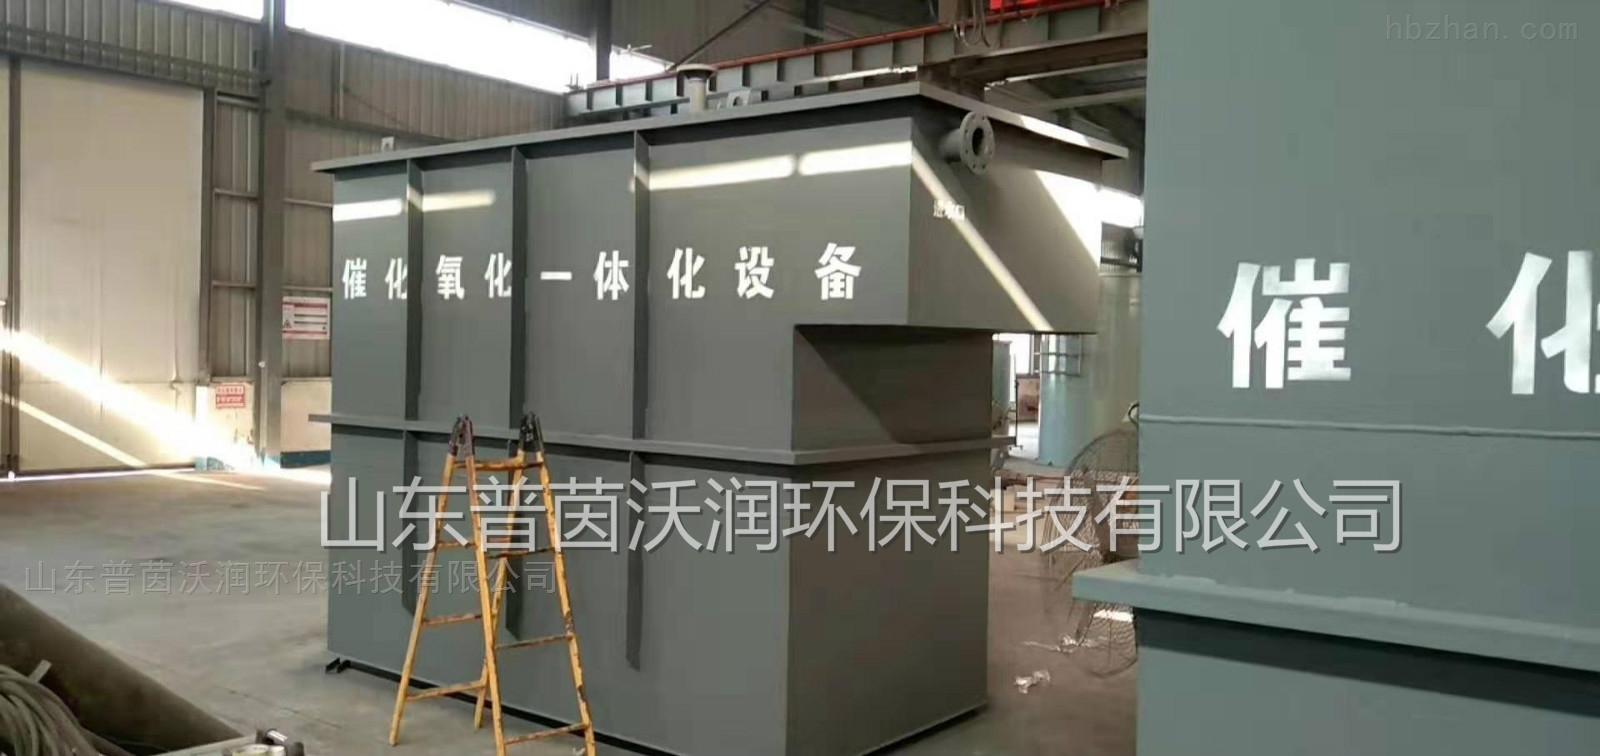 芬顿设备-芬顿氧化设备厂家